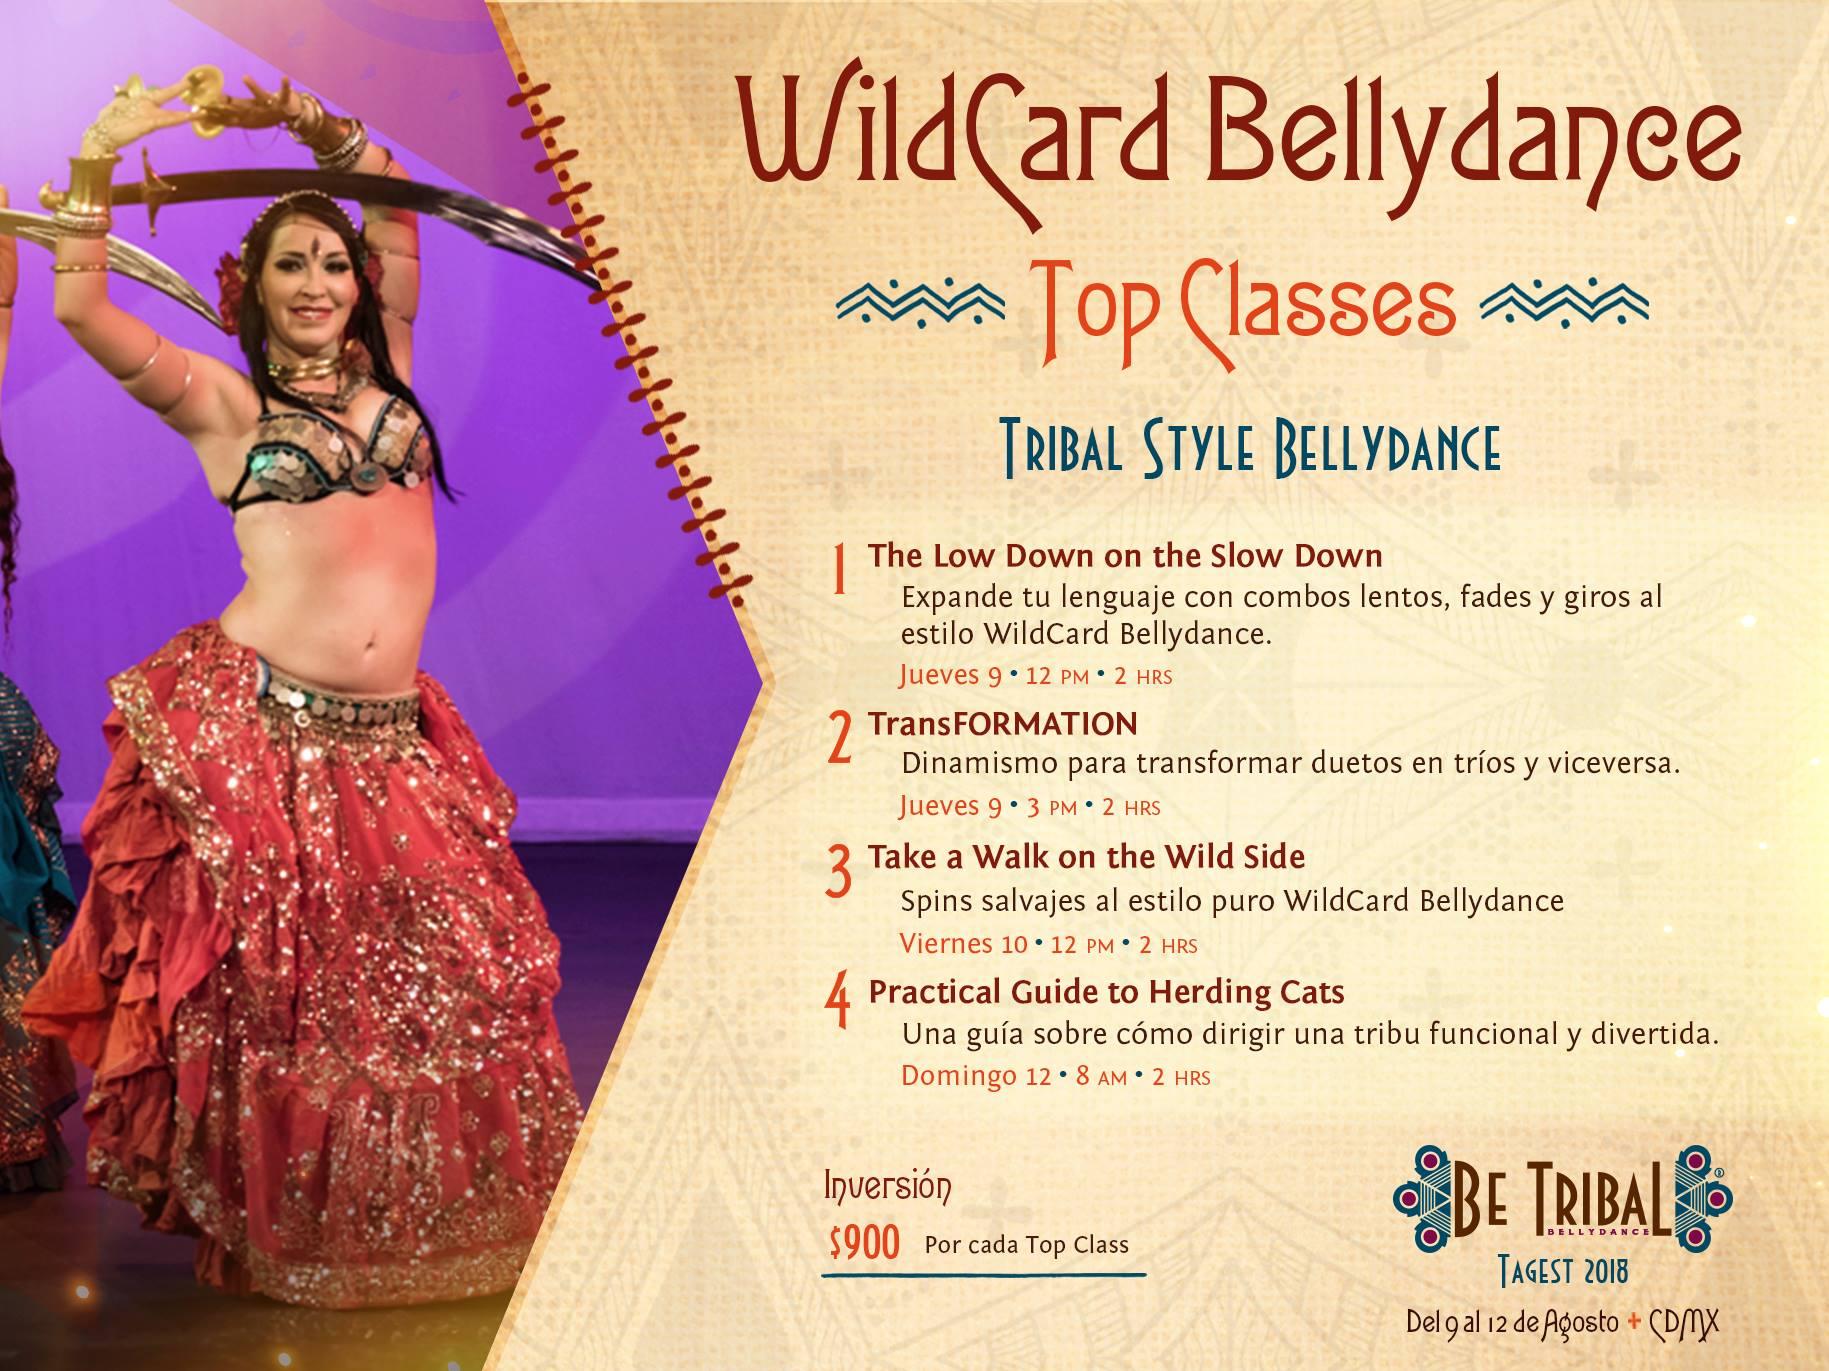 Top Classes Wildcard Bellydance